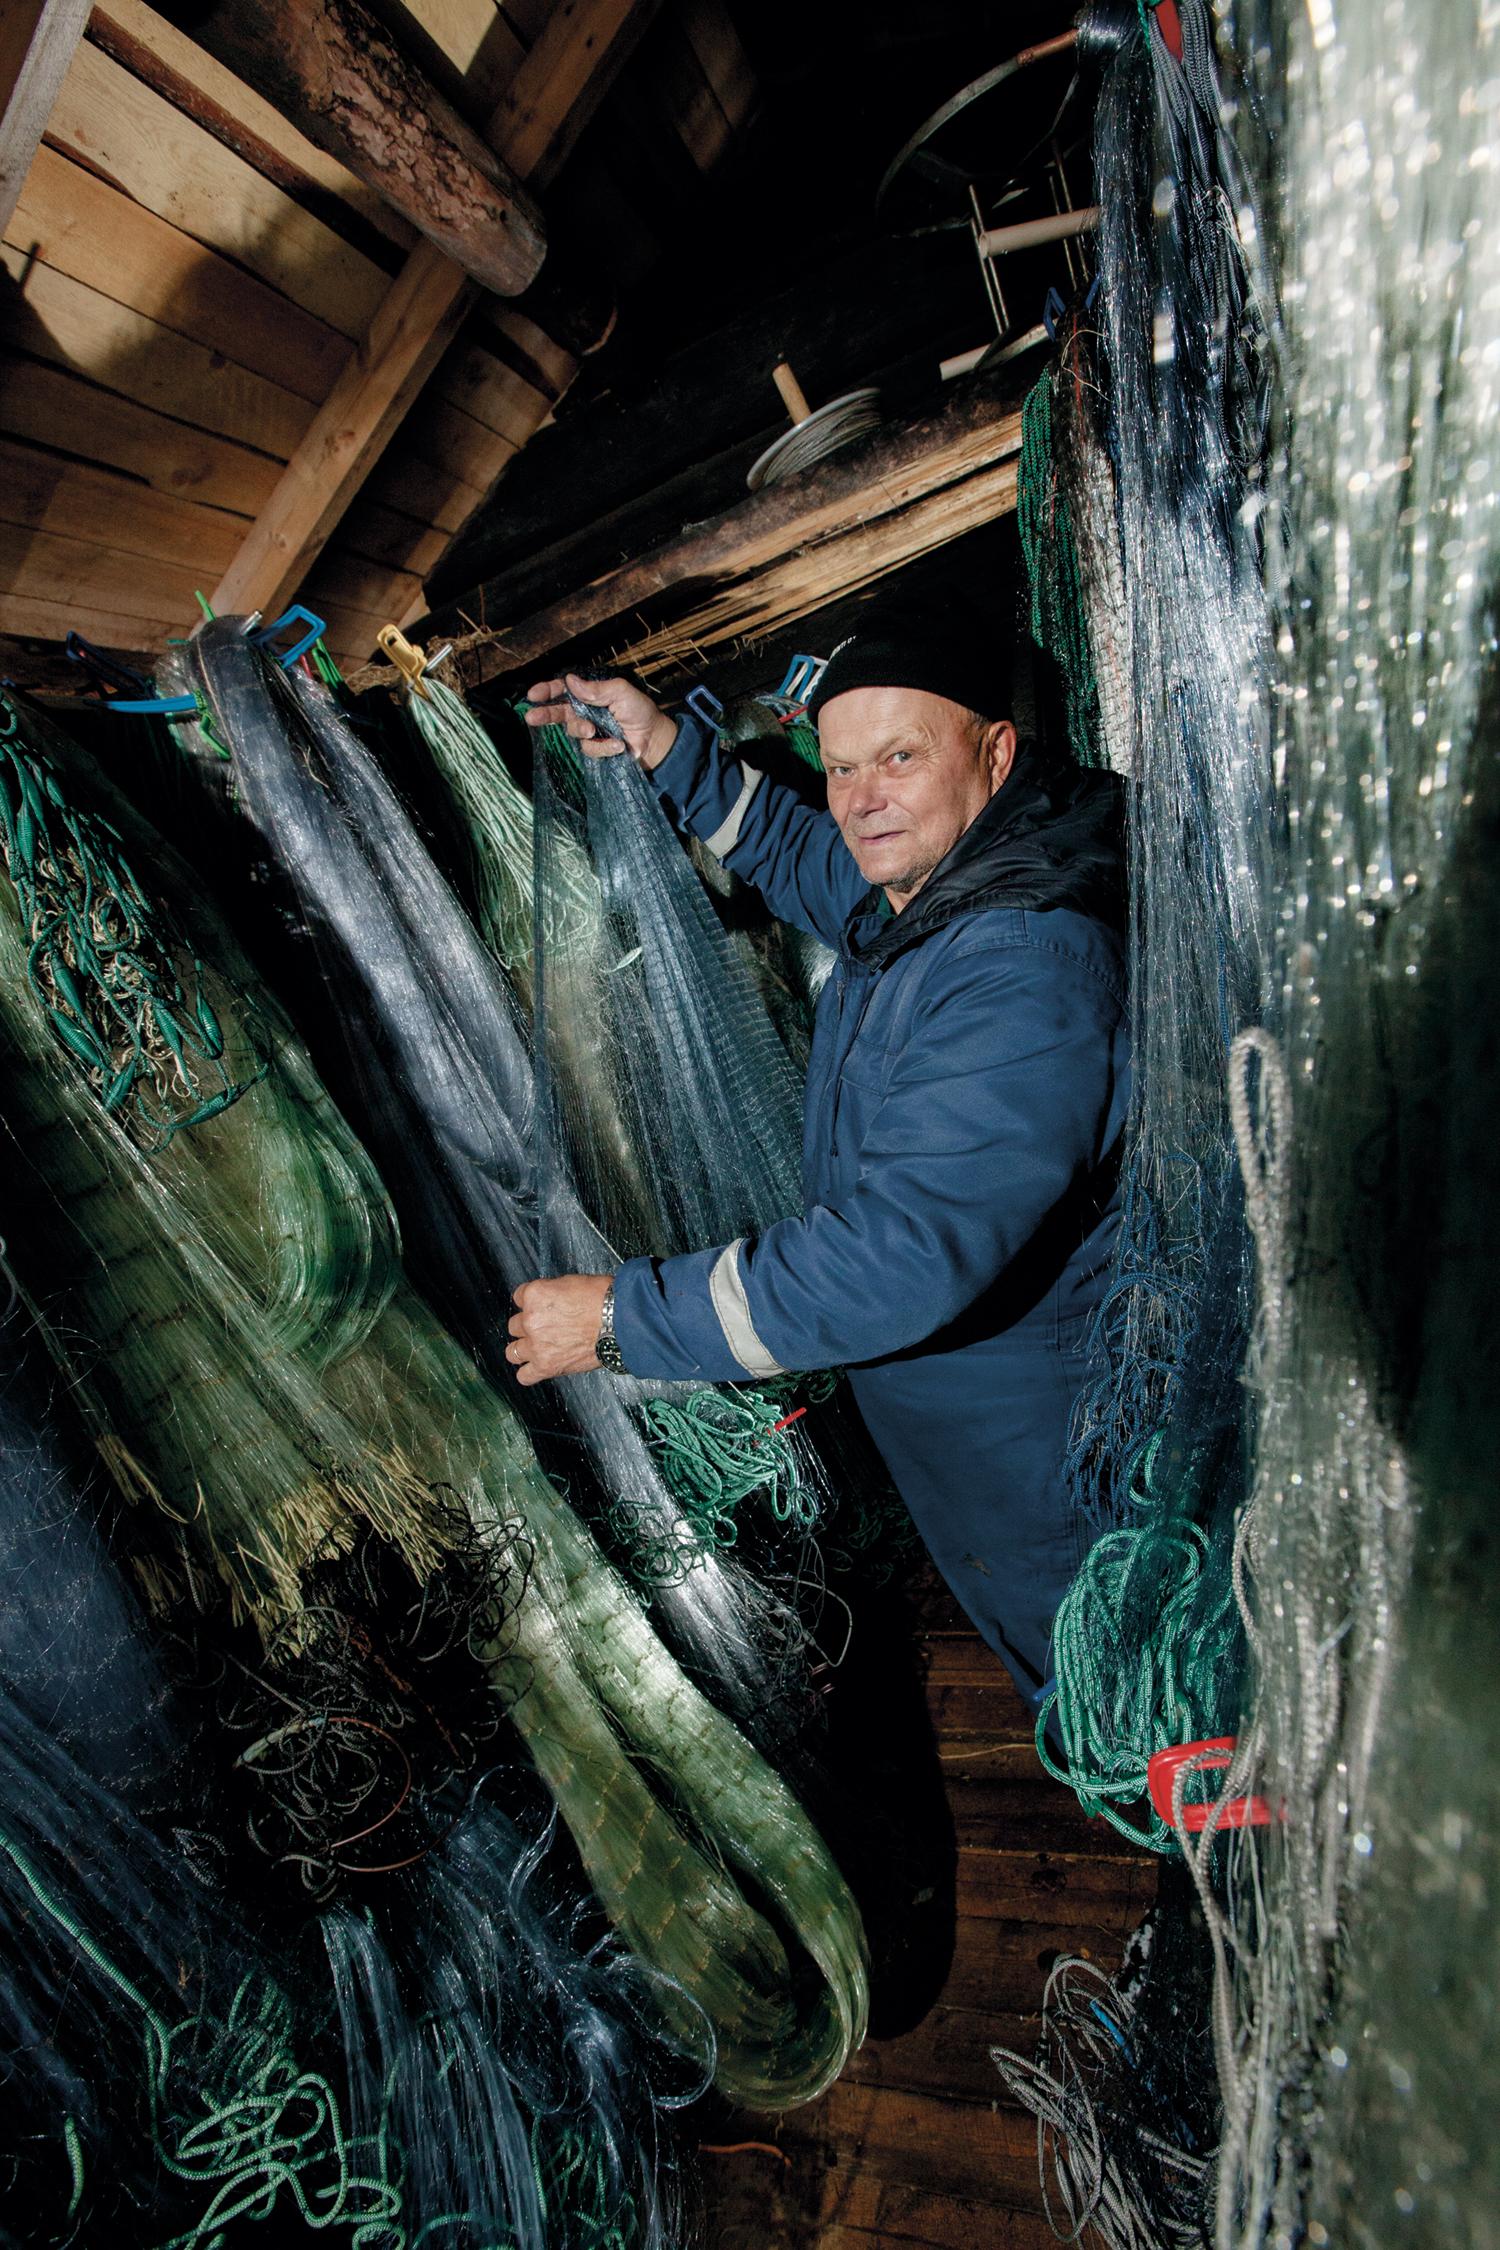 Fiskenett til lagesild skal ha en maske på 11- 18 mm, fiskenett til sik skal ha en maske på 40 mm.Esko Ahola har i alt 200 fiskenett.